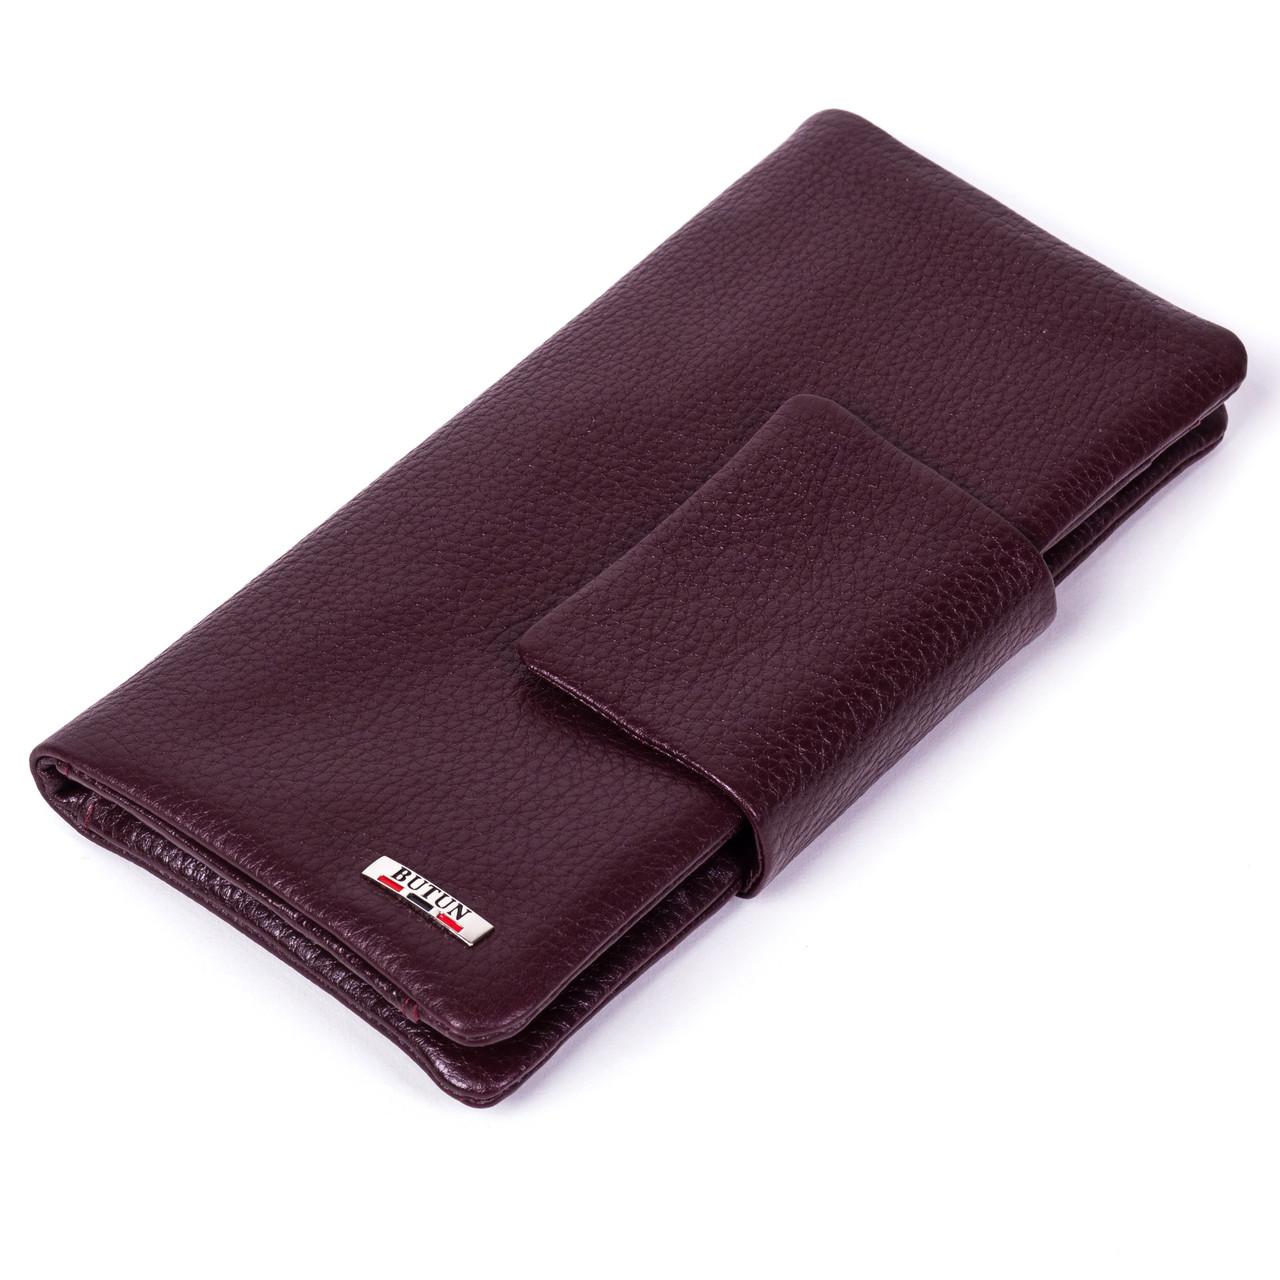 Жіночий гаманець клатч Butun 638-004-002 шкіряний бордовий